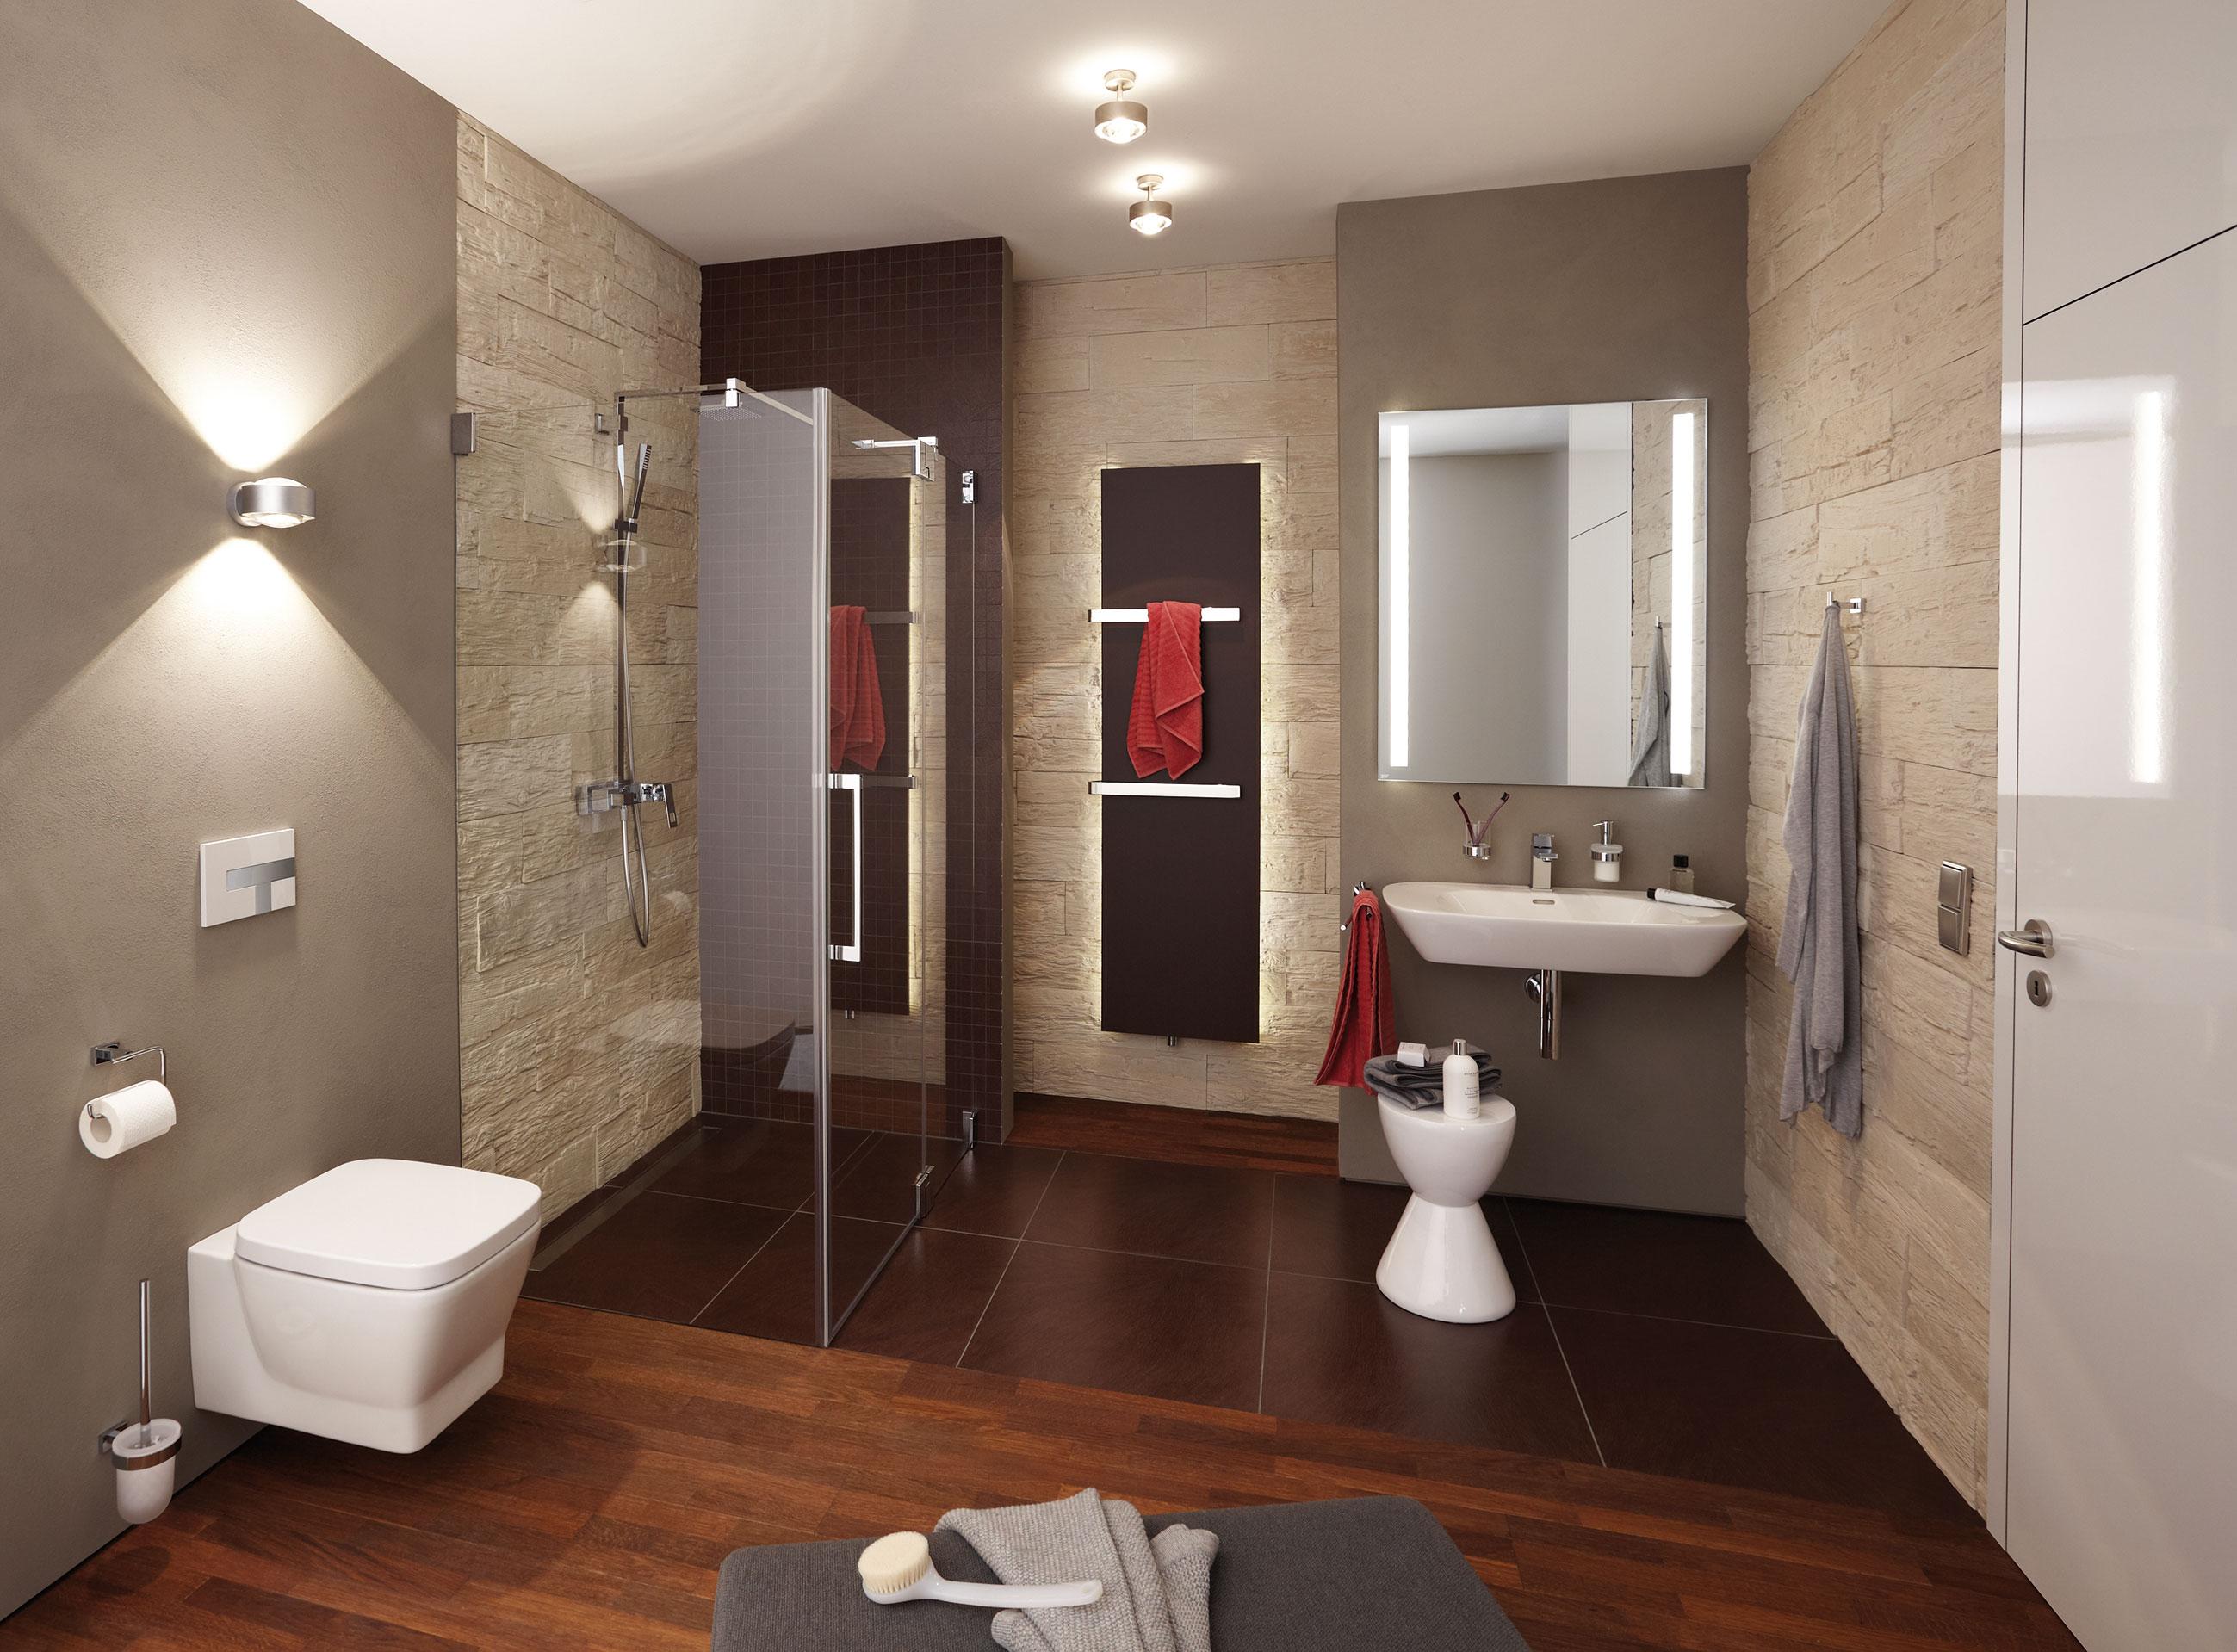 puk leuchten von top light einfach zusammenstellen mit konfigurator. Black Bedroom Furniture Sets. Home Design Ideas